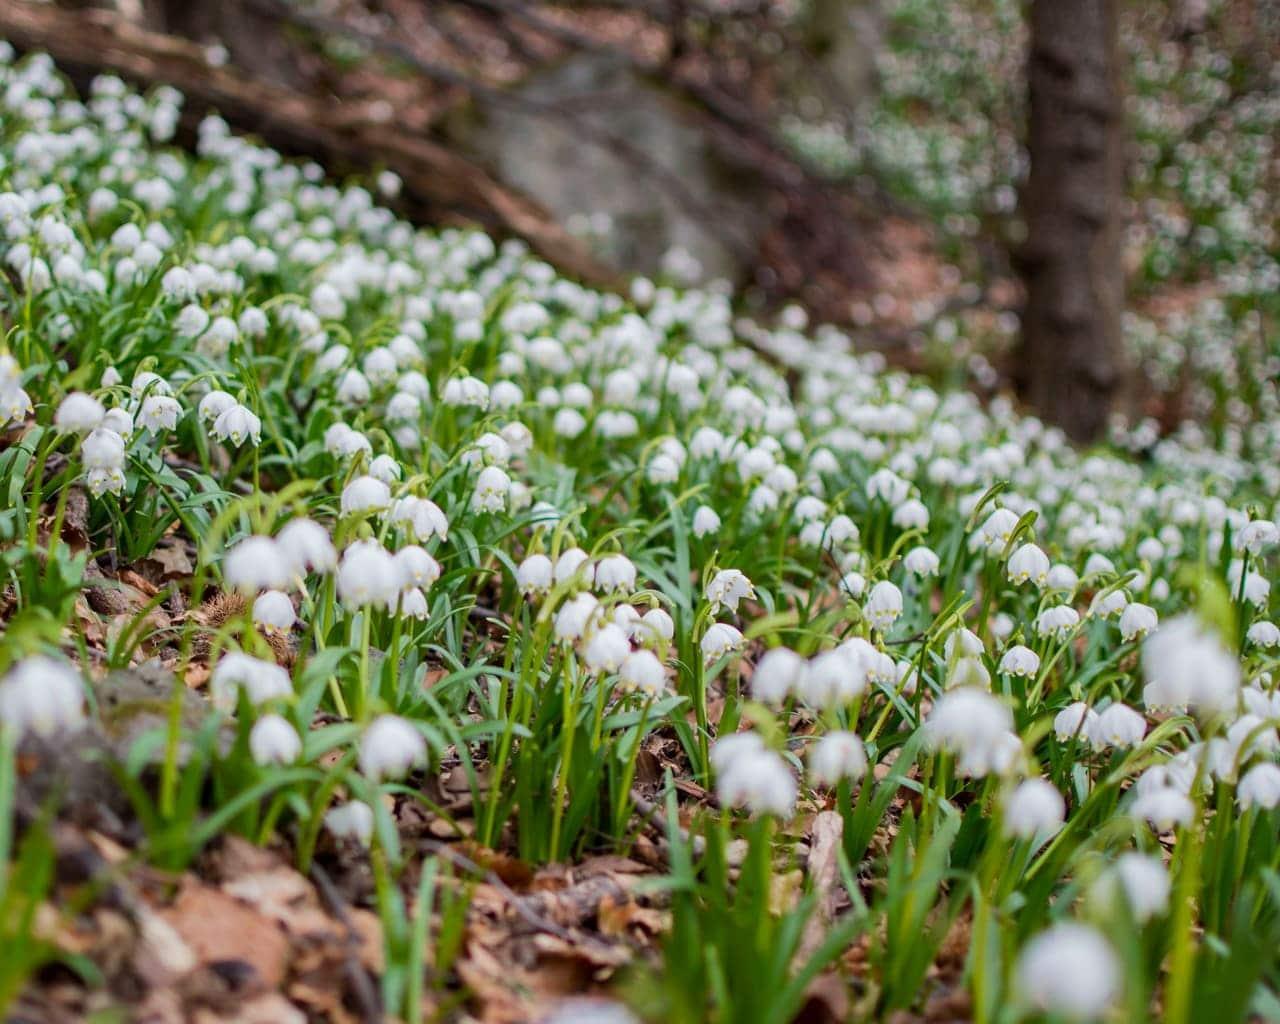 Frühlingsknotenblume verwildert in der Natur, Leucojum vernum, Von McoBra89 Lizenzfreie Stockfotonummer: 1139104286